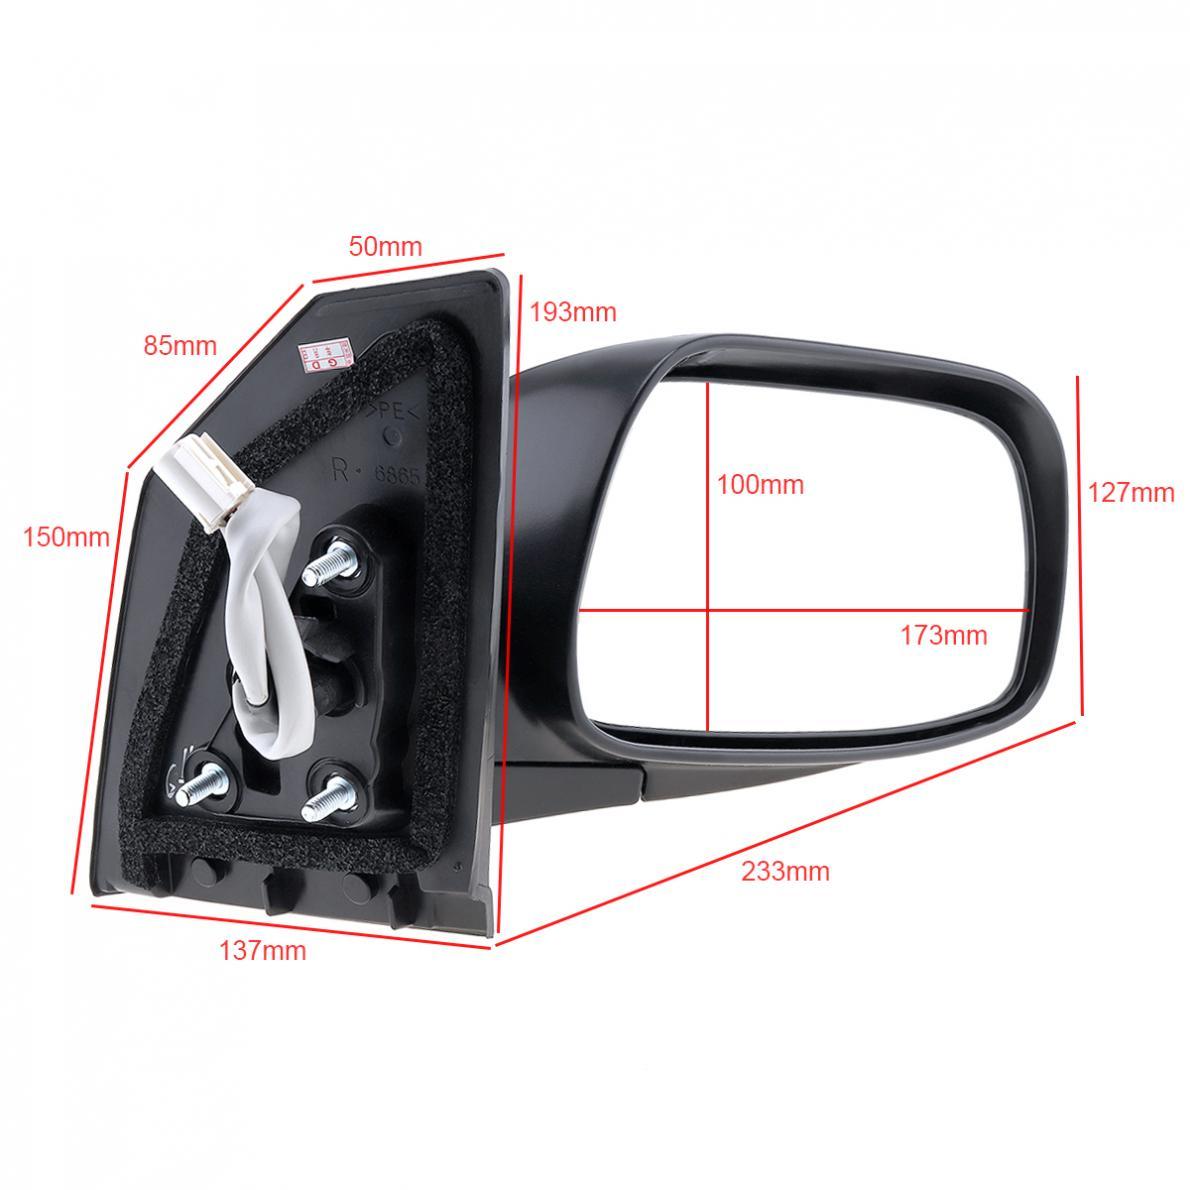 Non-Folding 1Piece Car Right Side Mirror Auto Right Hand RH Mirror for 2003-2008 Toyota Corolla CE/LE/S/Sport/XRS Sedan 4-Door right page 4